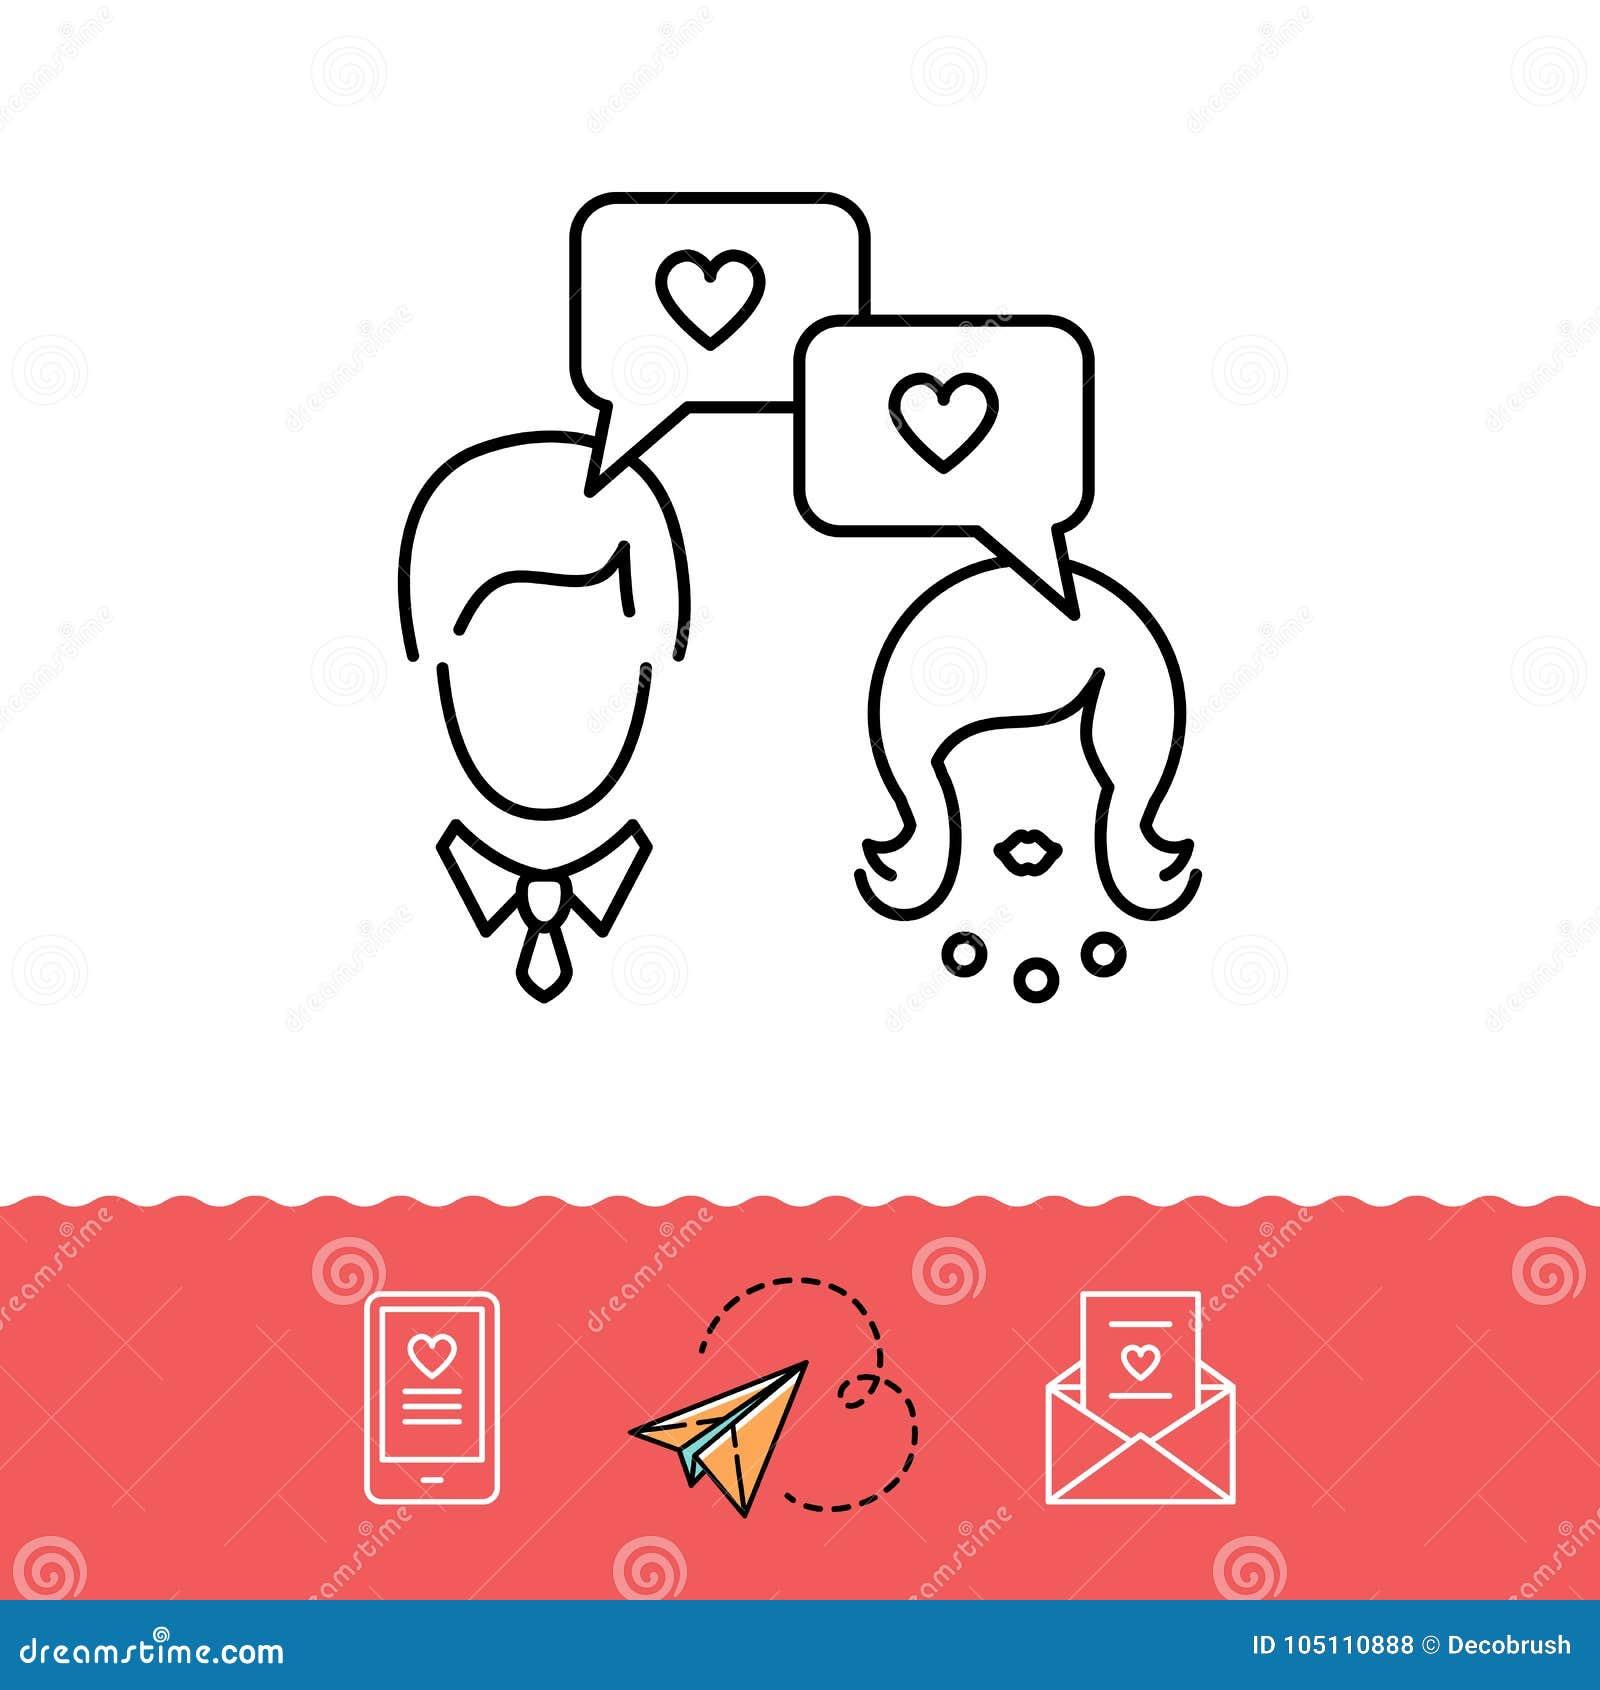 χρονολόγηση μηνυμάτων σε απευθείας σύνδεση αγάπη καλύβα dating ιστοσελίδα